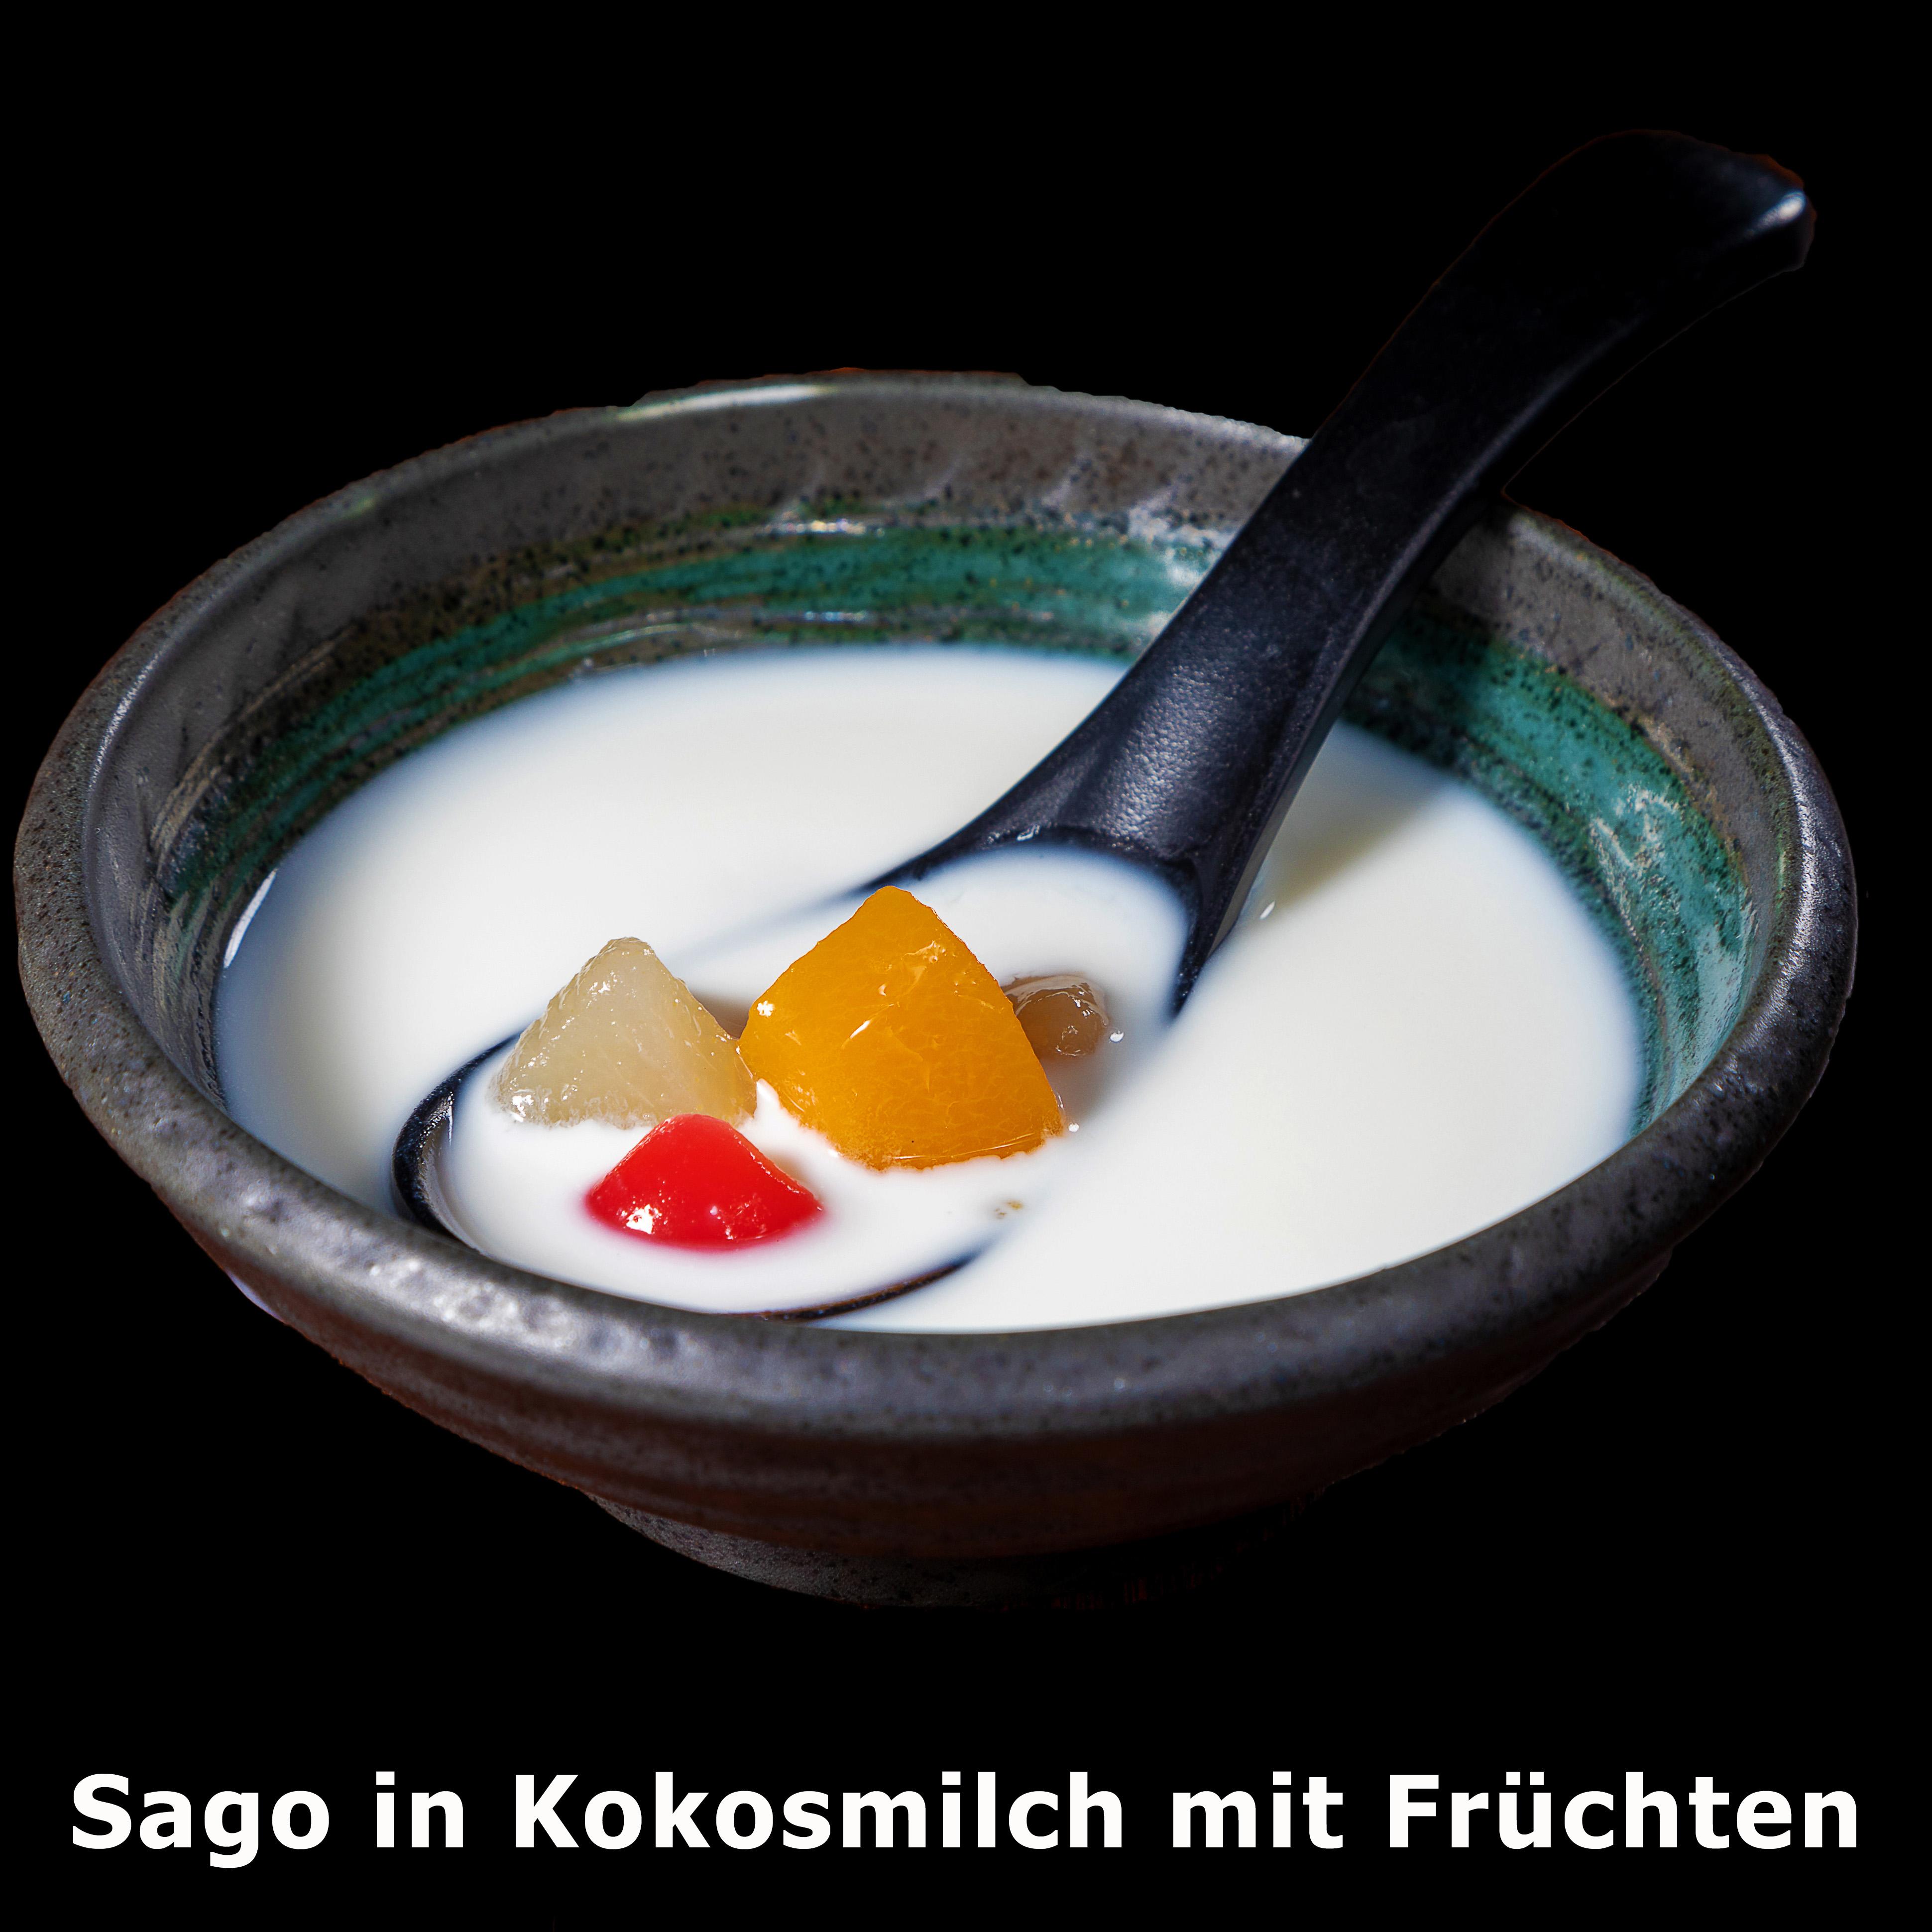 158. Sago in Kokosmilch mit Früchten